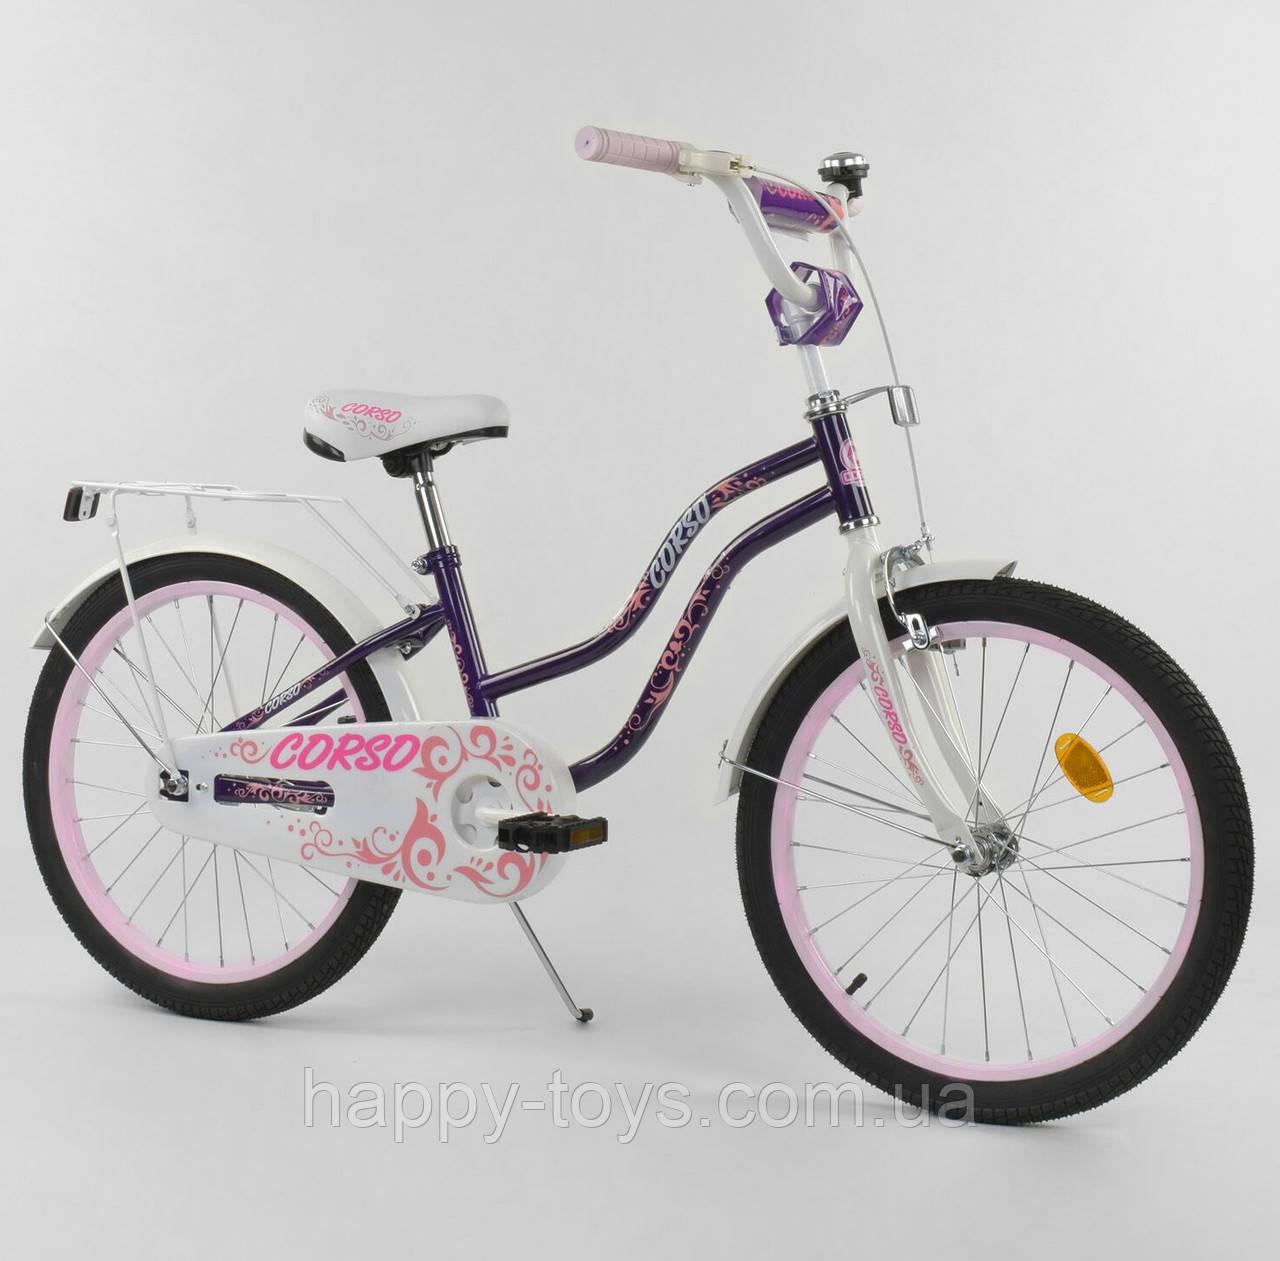 """Велосипед 20"""" дюймов 2-х колёсный CORSO ФИОЛЕТОВЫЙ, ручной тормоз, багажник, собранный на 75% Т-09310"""